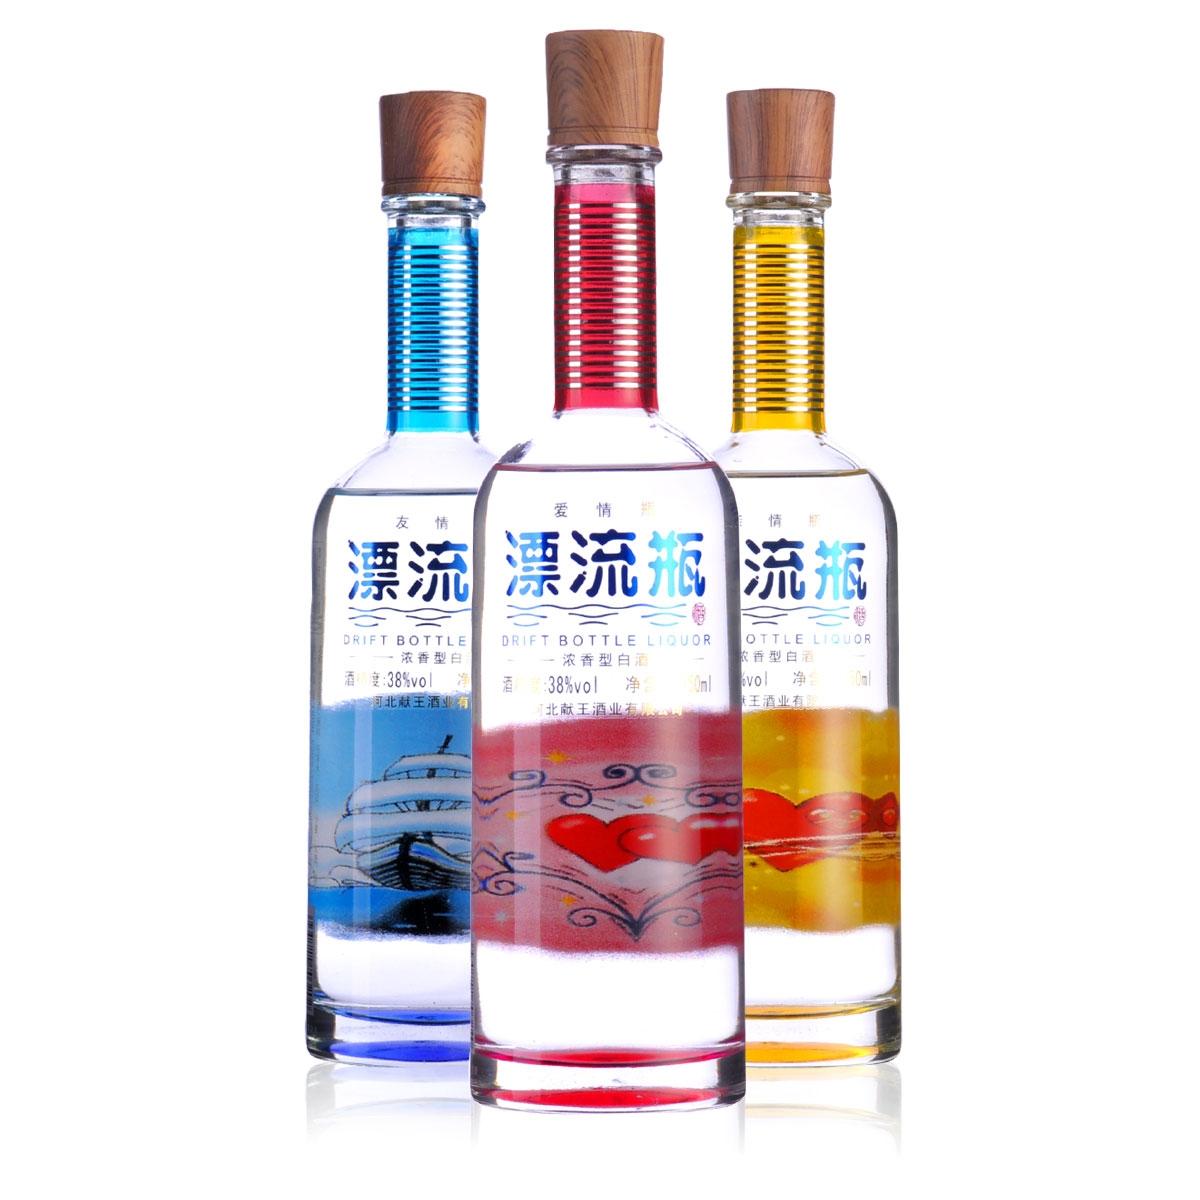 【5折清仓】38°漂流瓶酒350ml 2014年(友情瓶+爱情瓶+亲情瓶)